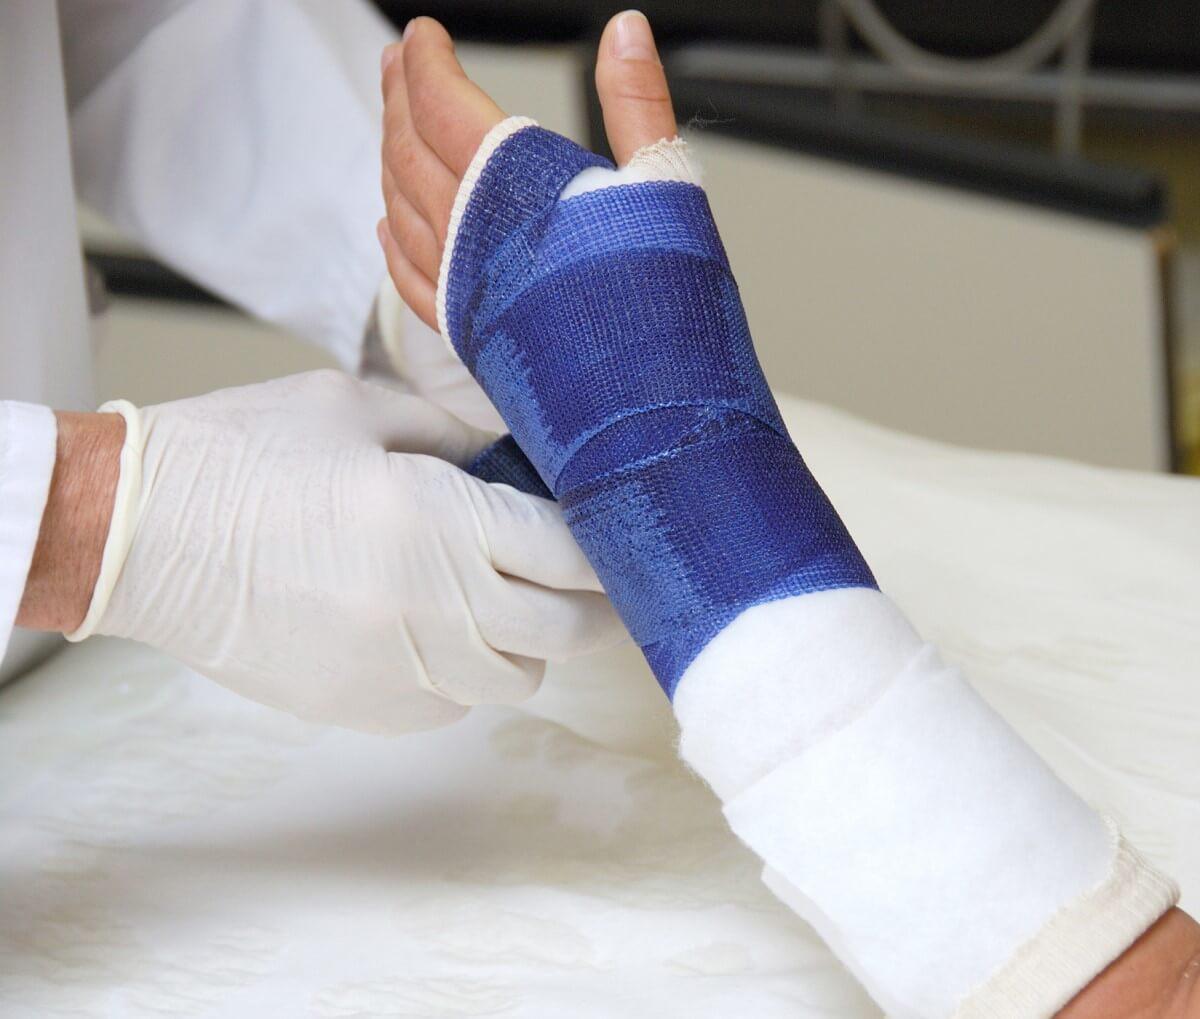 Arzt versorgt gebrochenen Arm mit Gipsverband aus dem Verbandsmaterial Sortiment